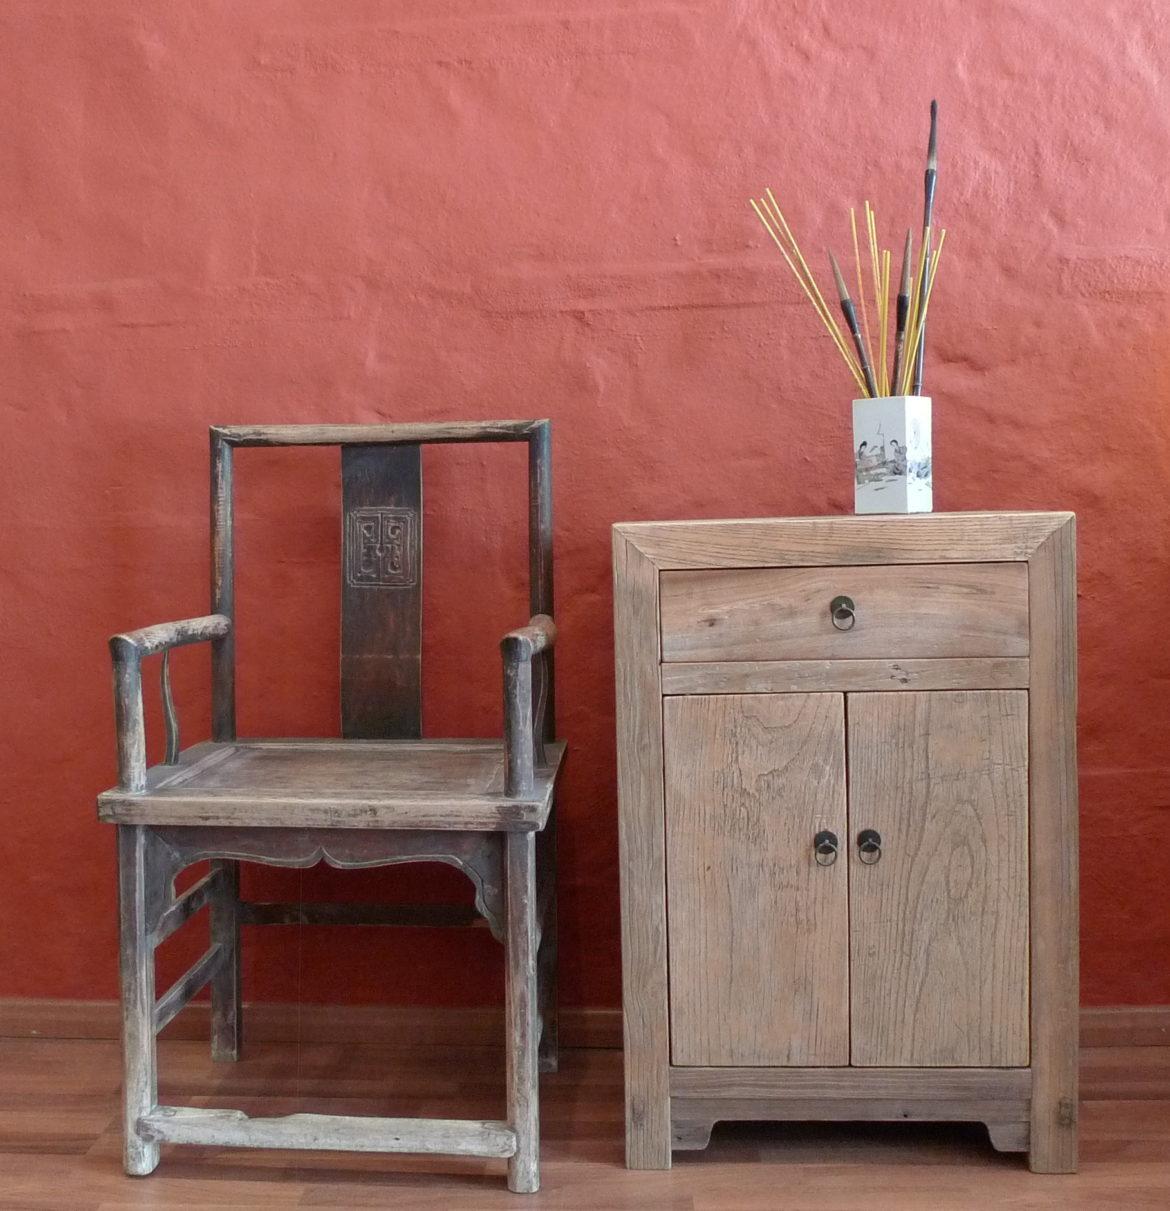 Silla y peque o mueble jade menorca - Muebles menorca ...